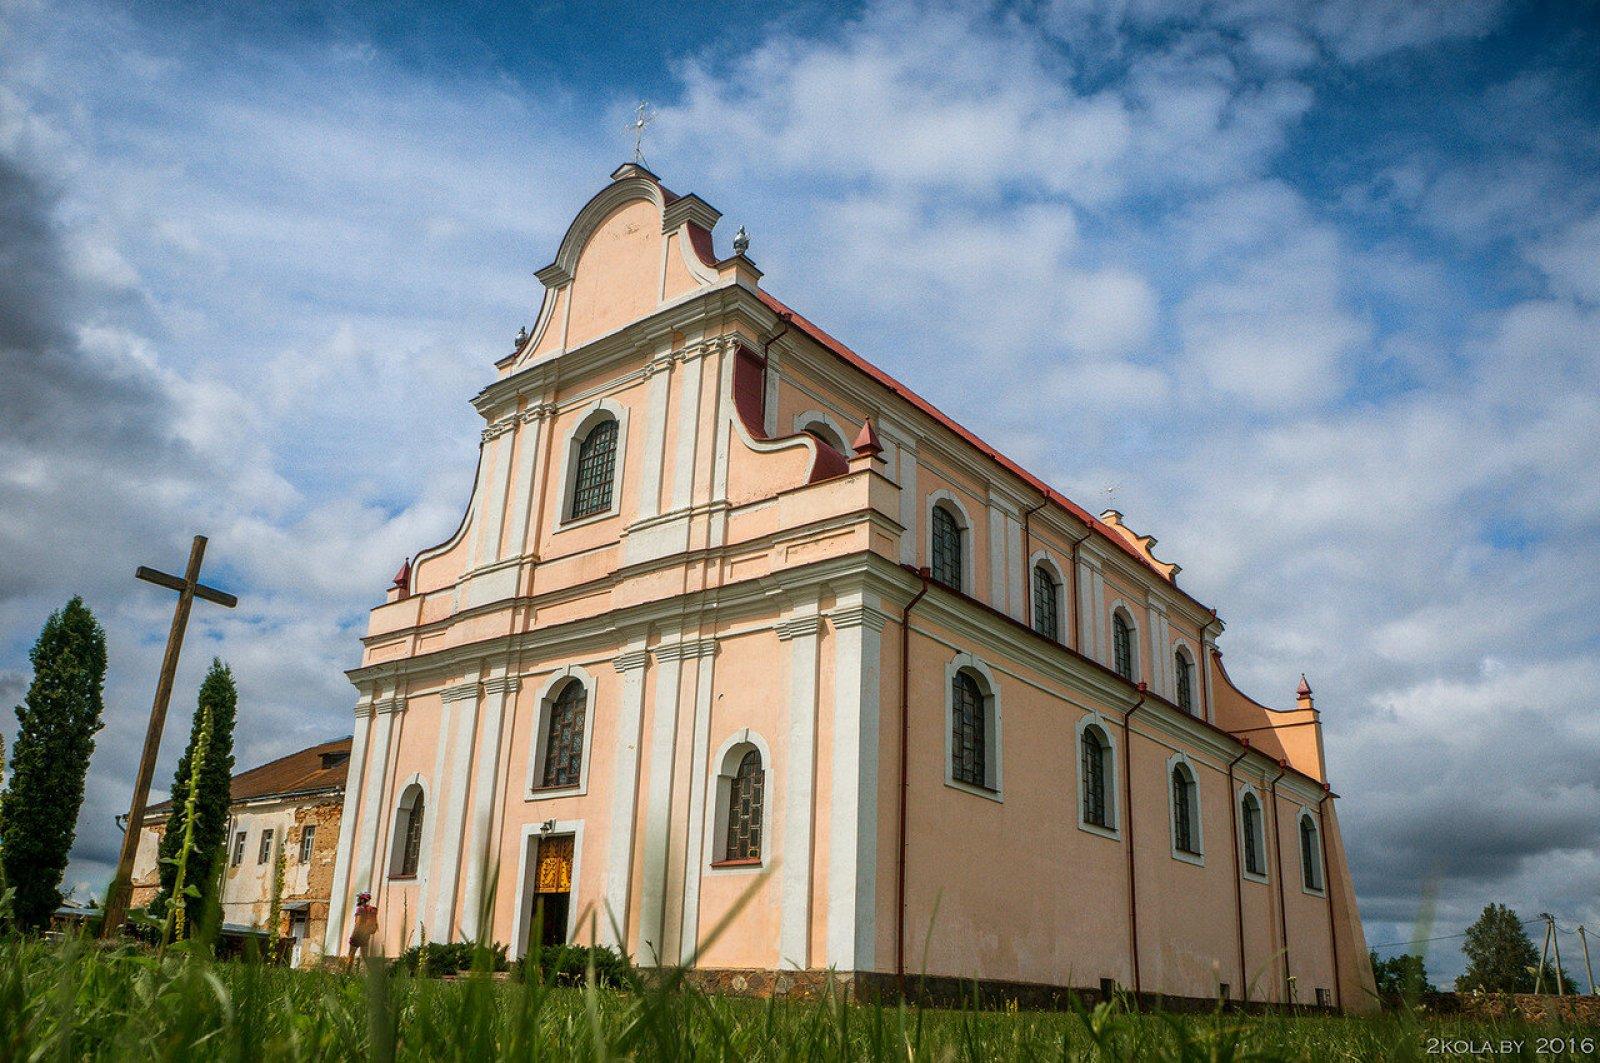 монастырь францисканцев: костел св. Иоанна Крестителя